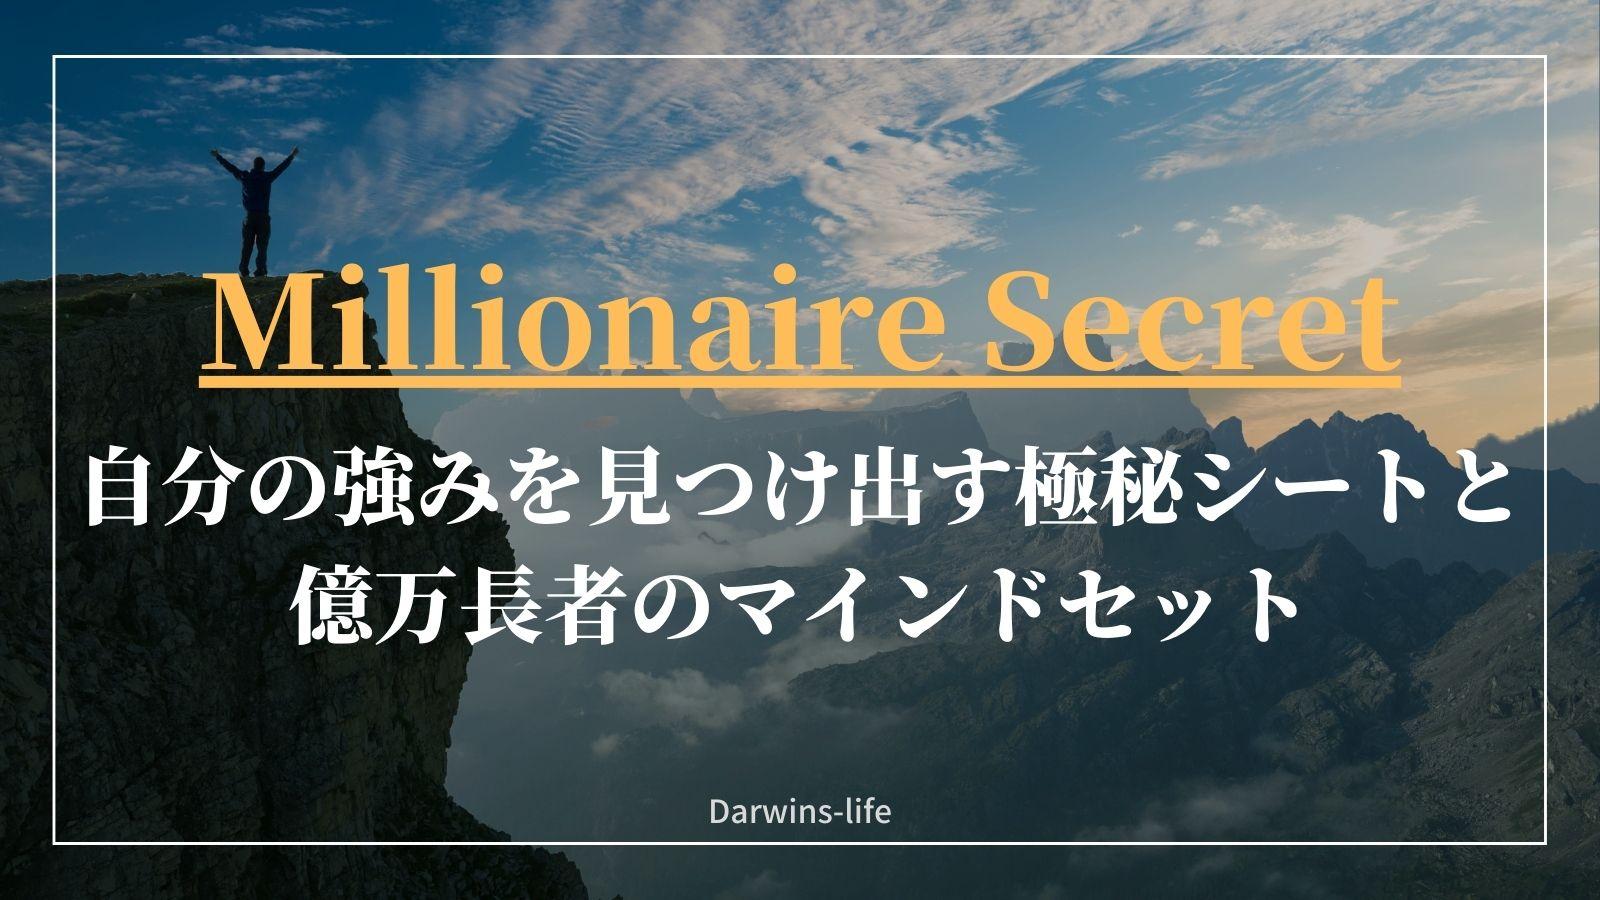 自分の強みを見つけ出す極秘シートと億万長者のマインドセット